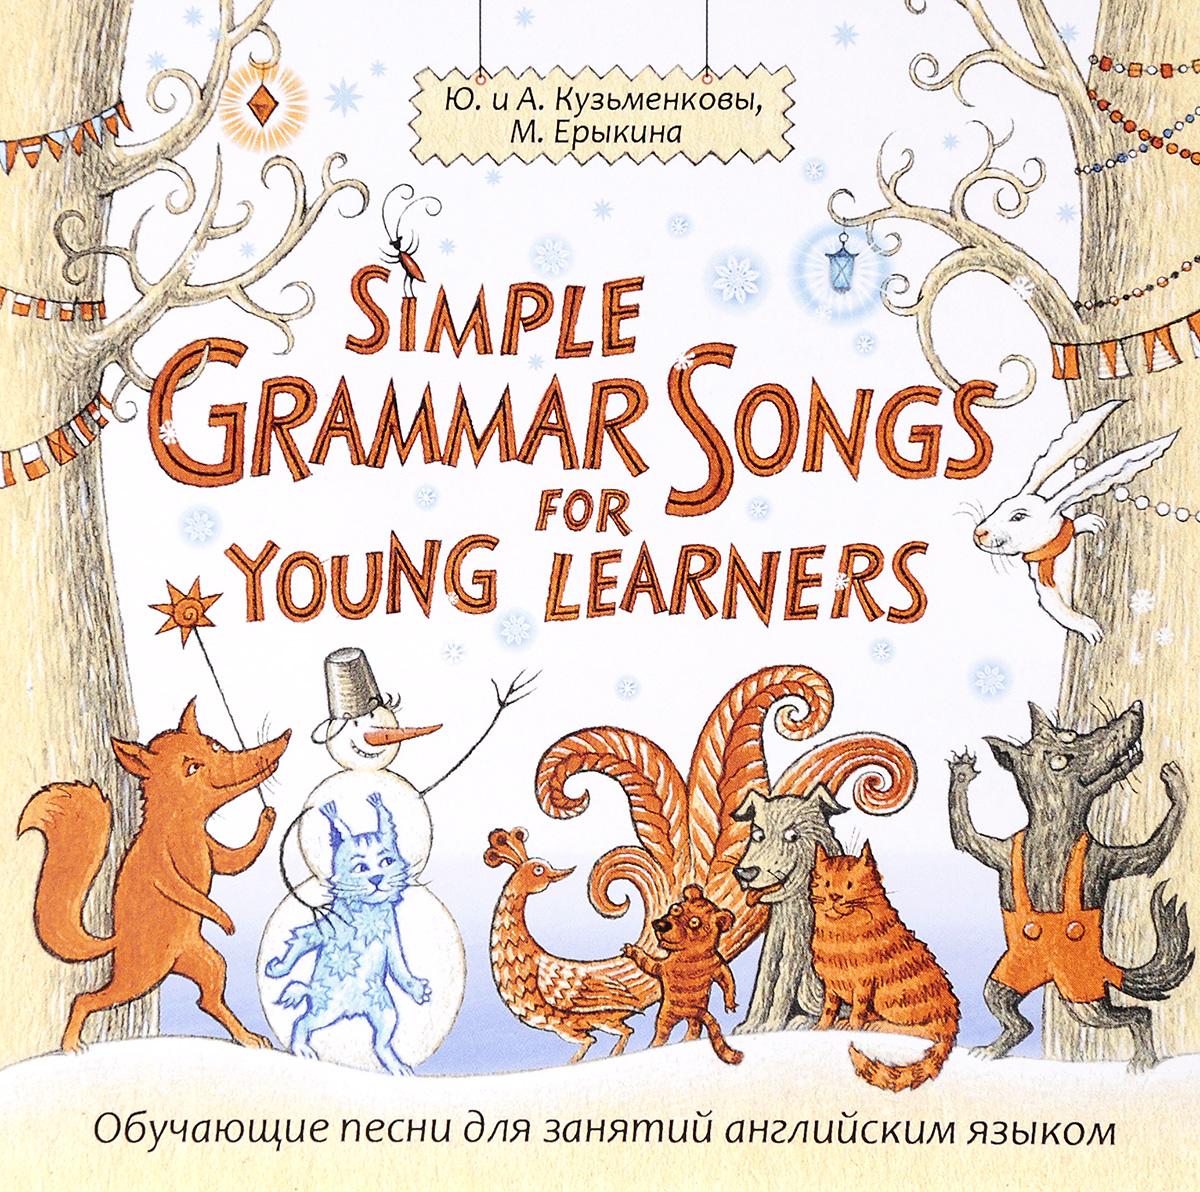 Ю. и А. Кузьменковы, М. Ерыкина. Обучающие песни для занятий английским языком 2016 Audio CD